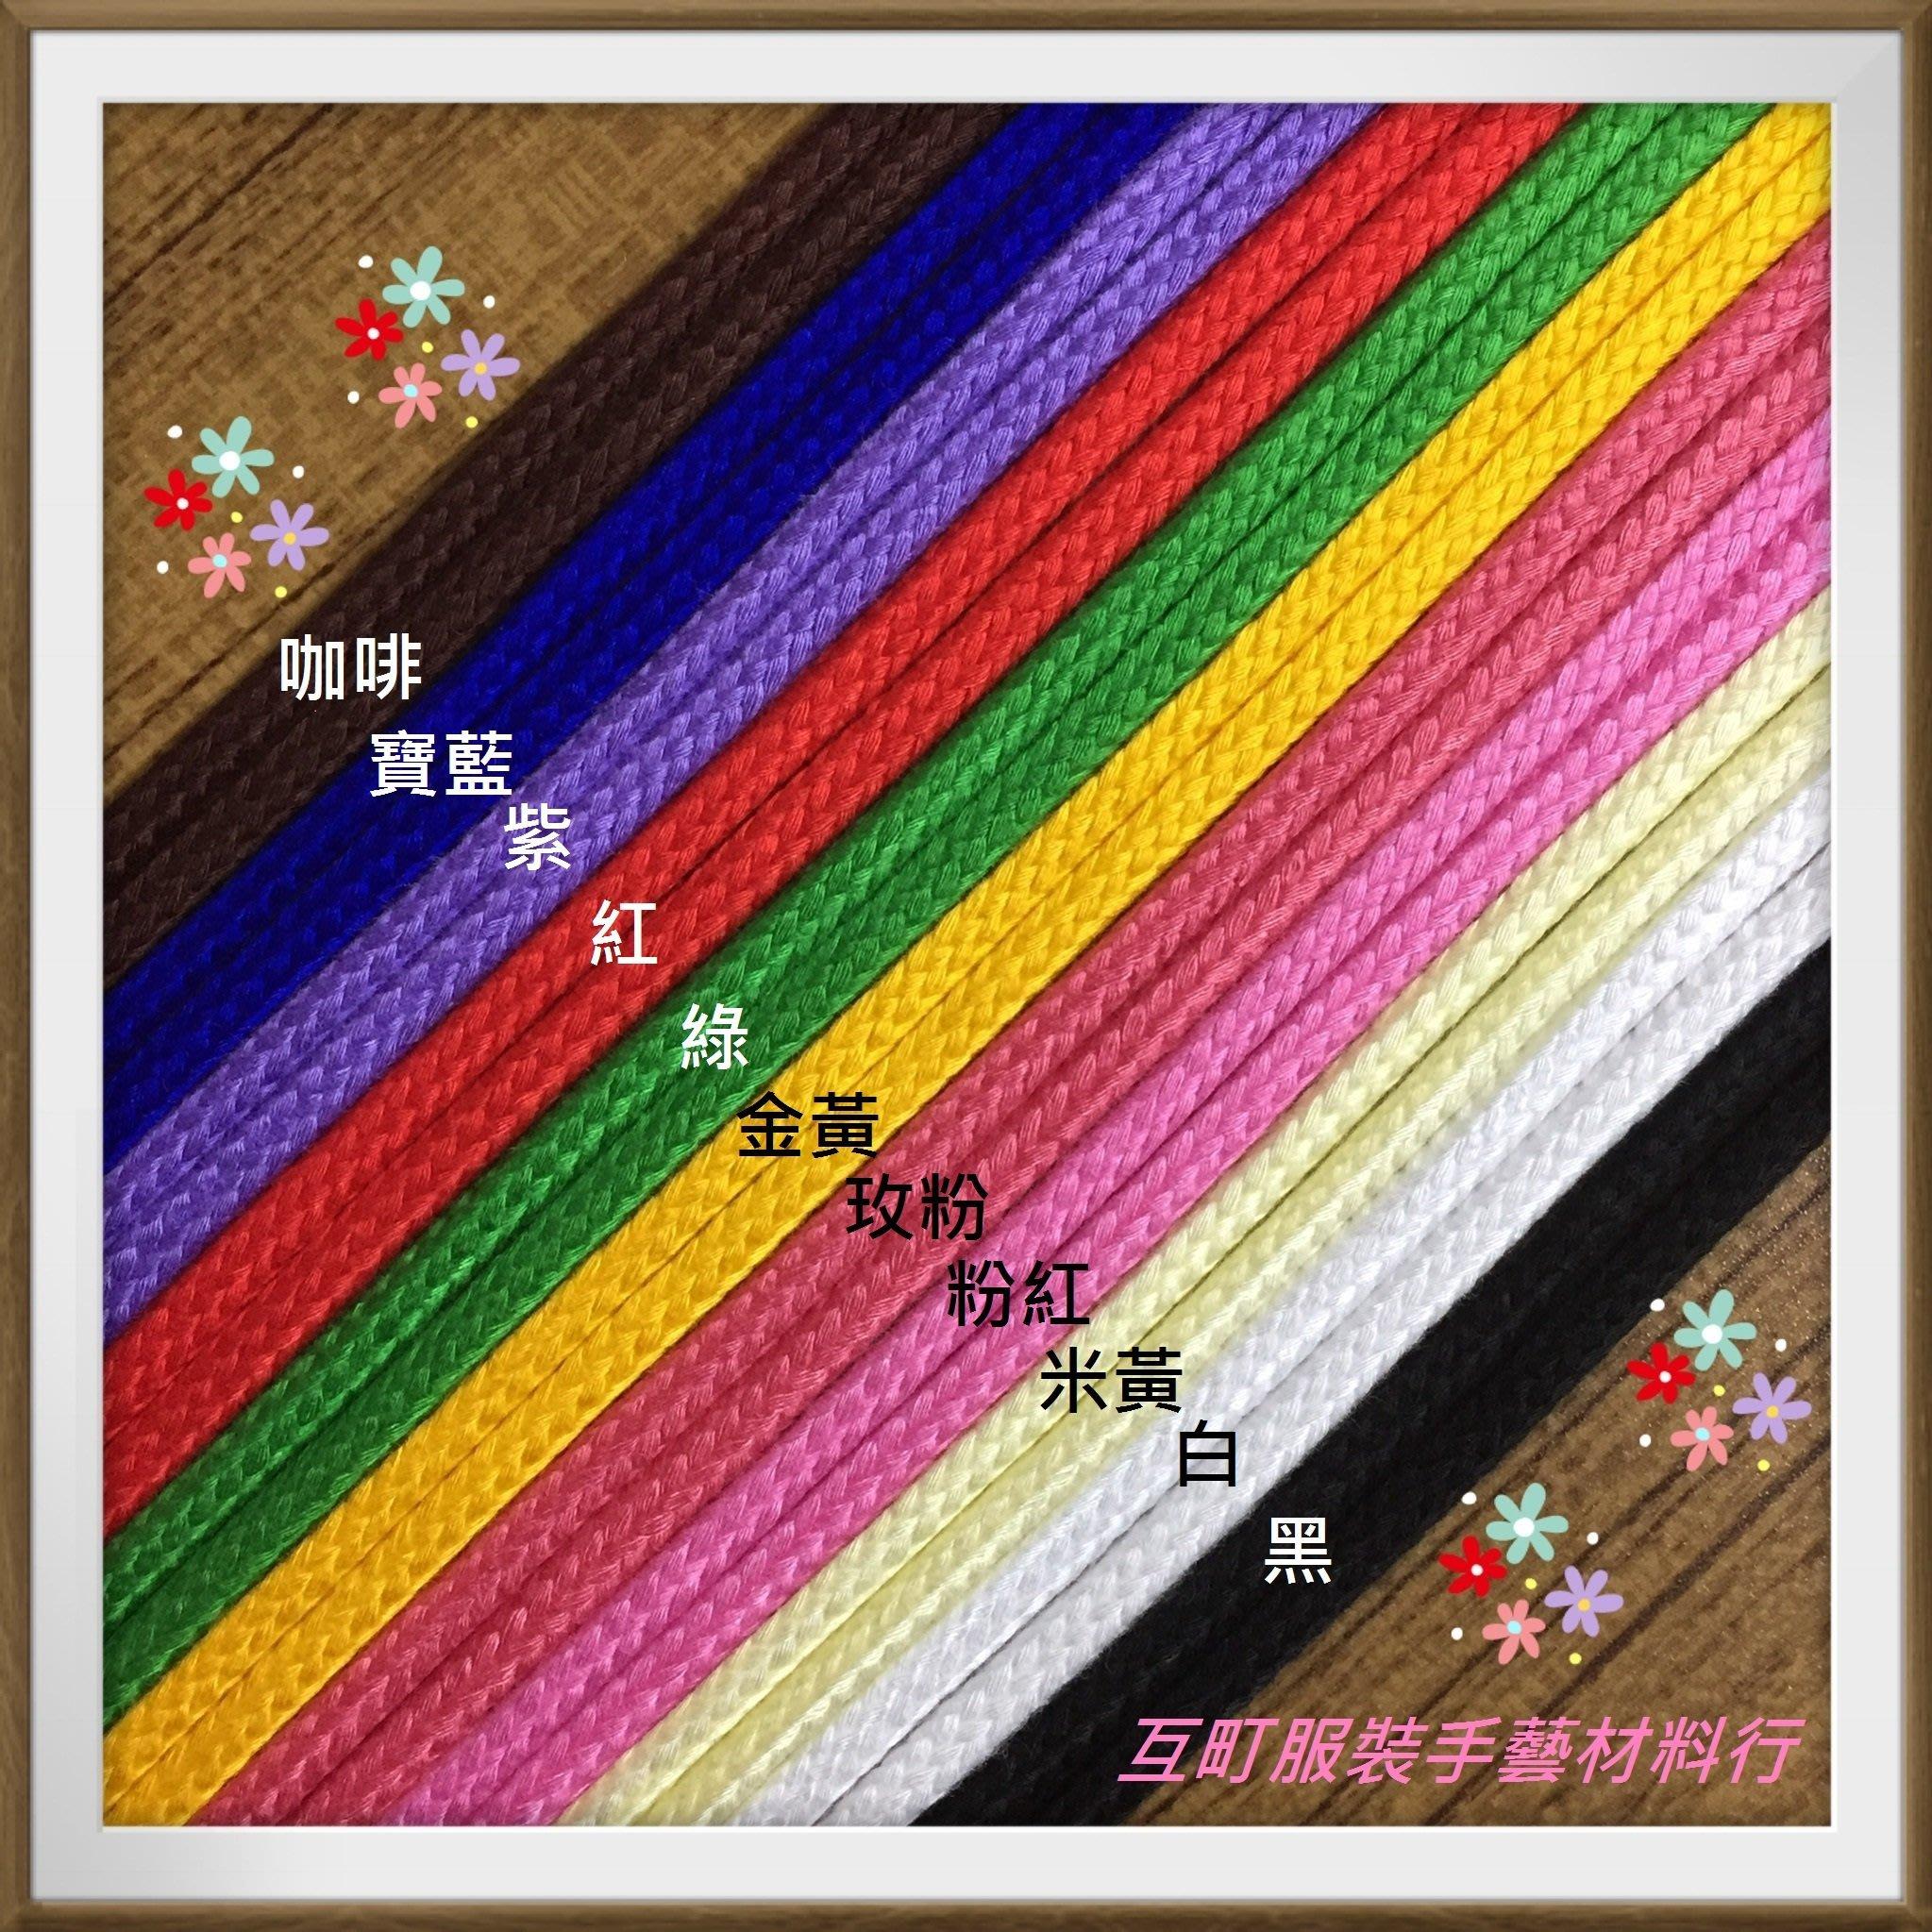 【互町手藝】※ 台灣製造麗斯牌【整捲80碼裝】5 mm 棉繩 ※